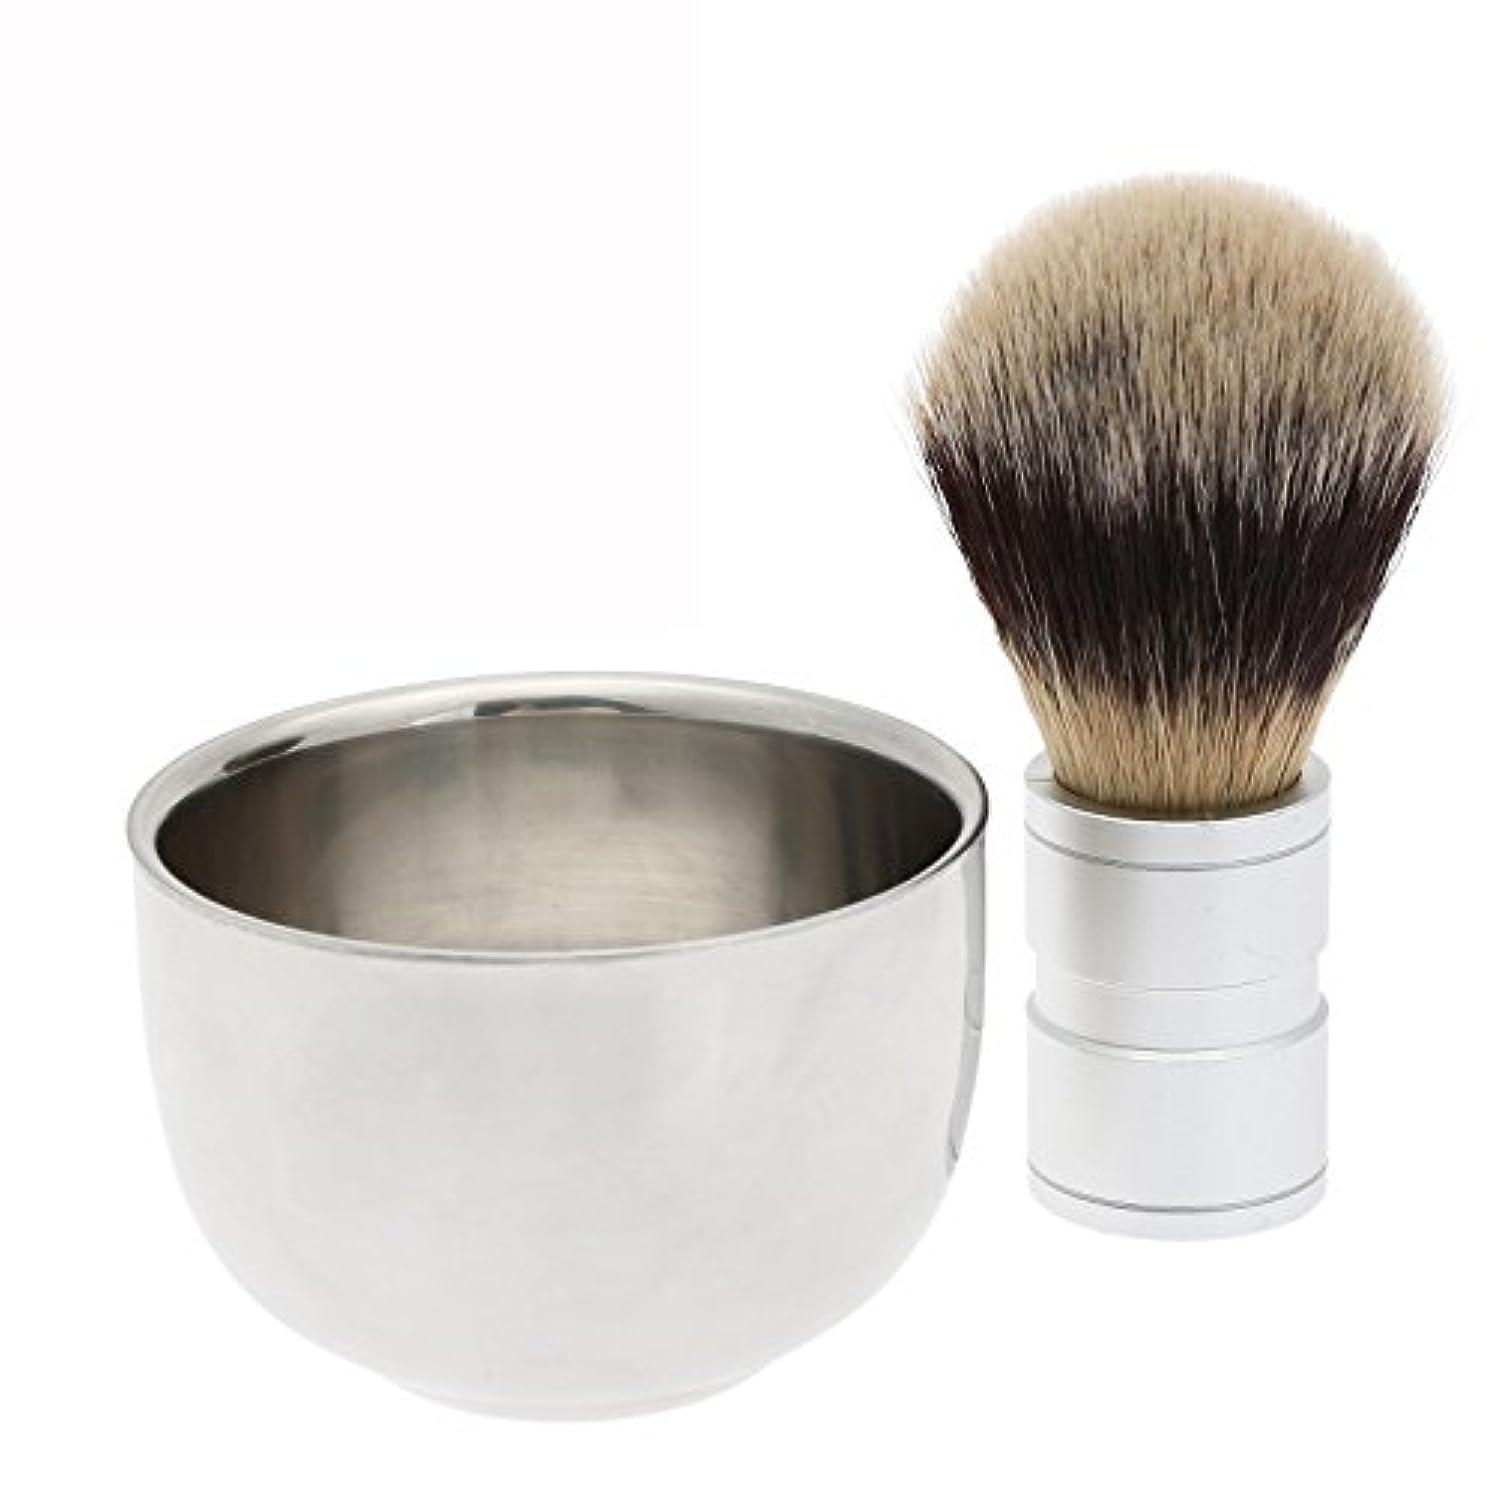 仮定十代以前は2PC/セット メンズシェービング用 シェービングブラシ +ステンレス鋼のボウルマグカップ ギフト 理容 洗顔 髭剃り